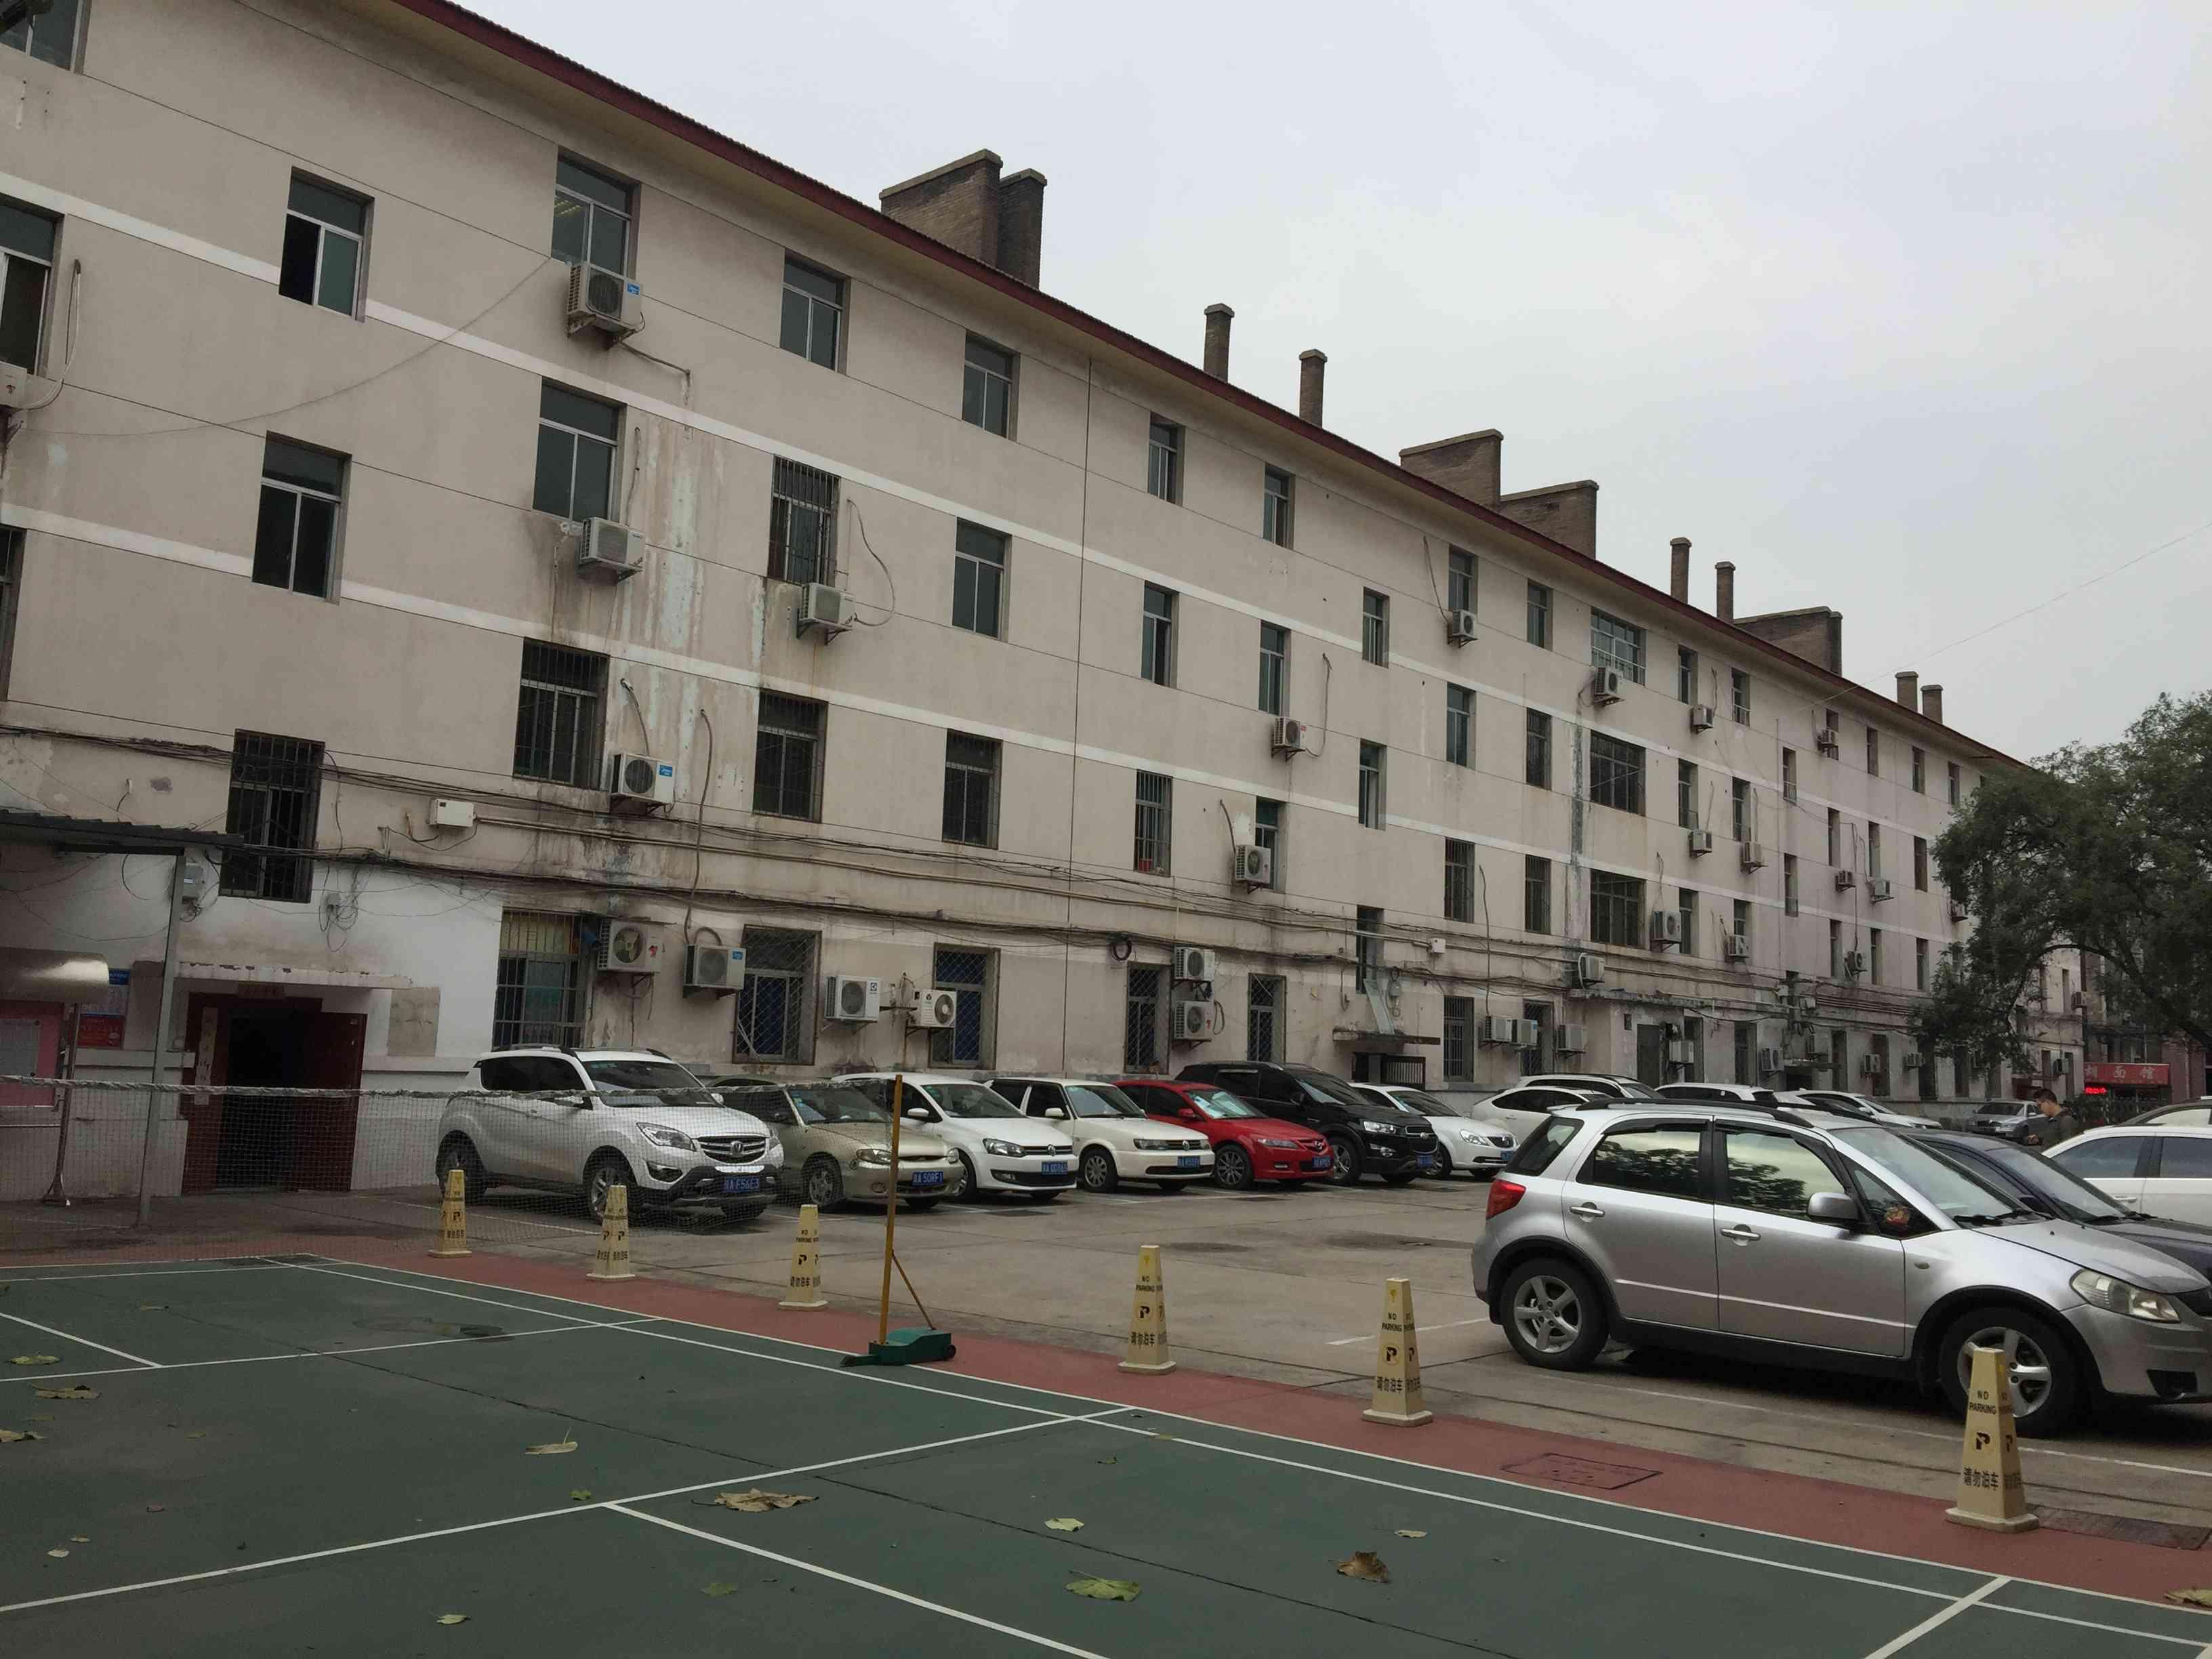 陕西省某工会房屋改造安全鉴定